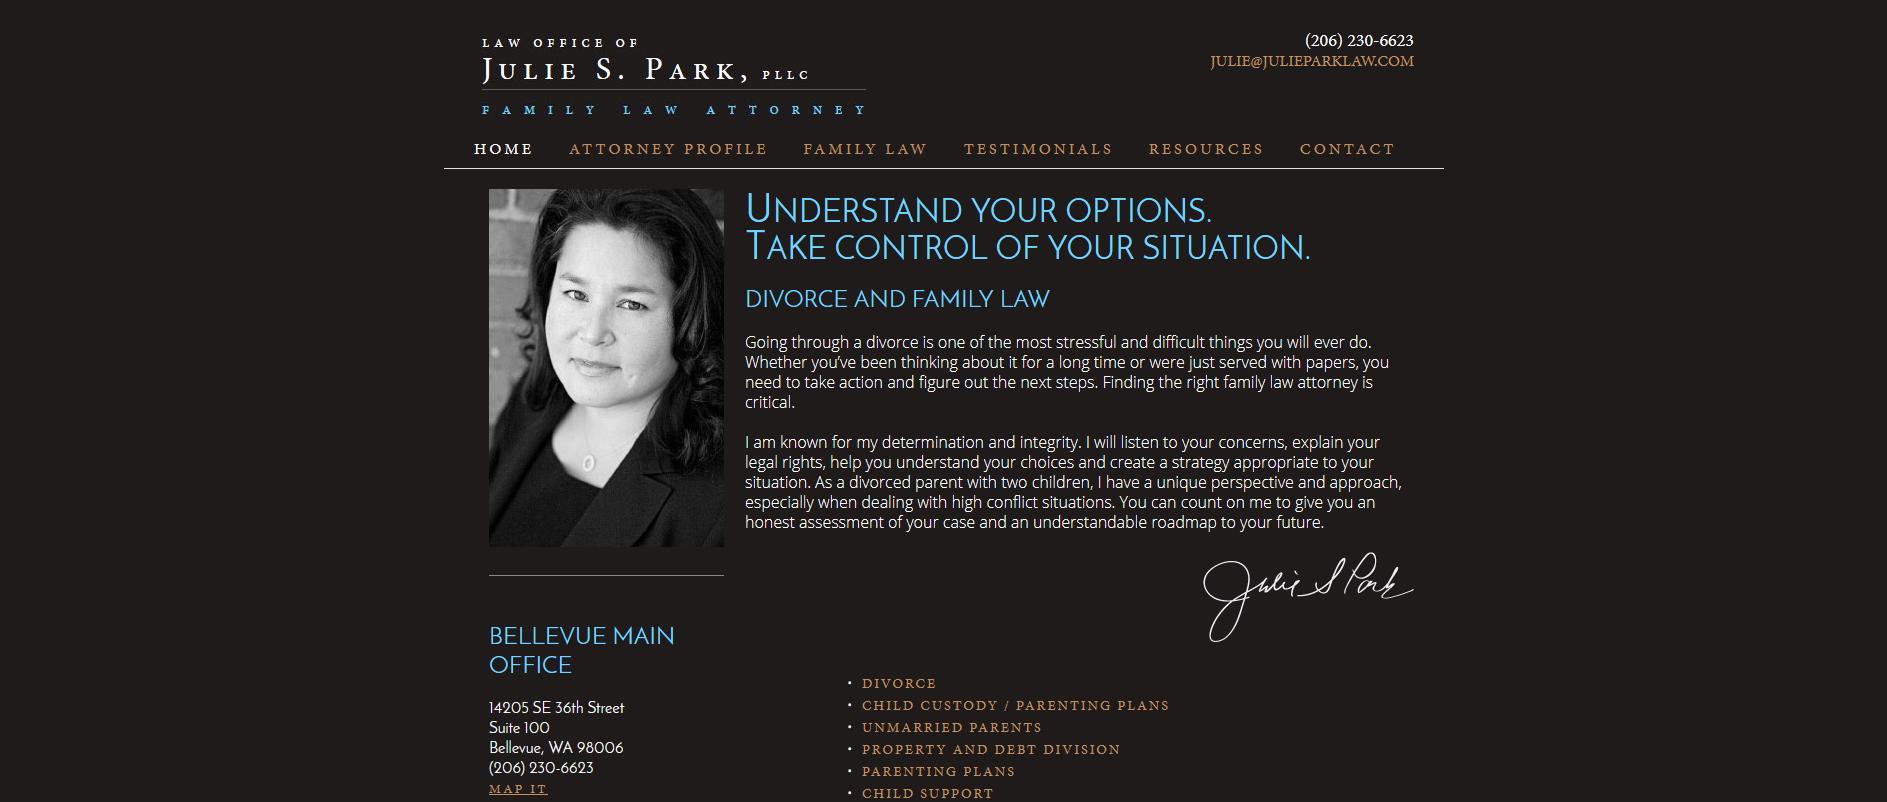 Julie Park Law